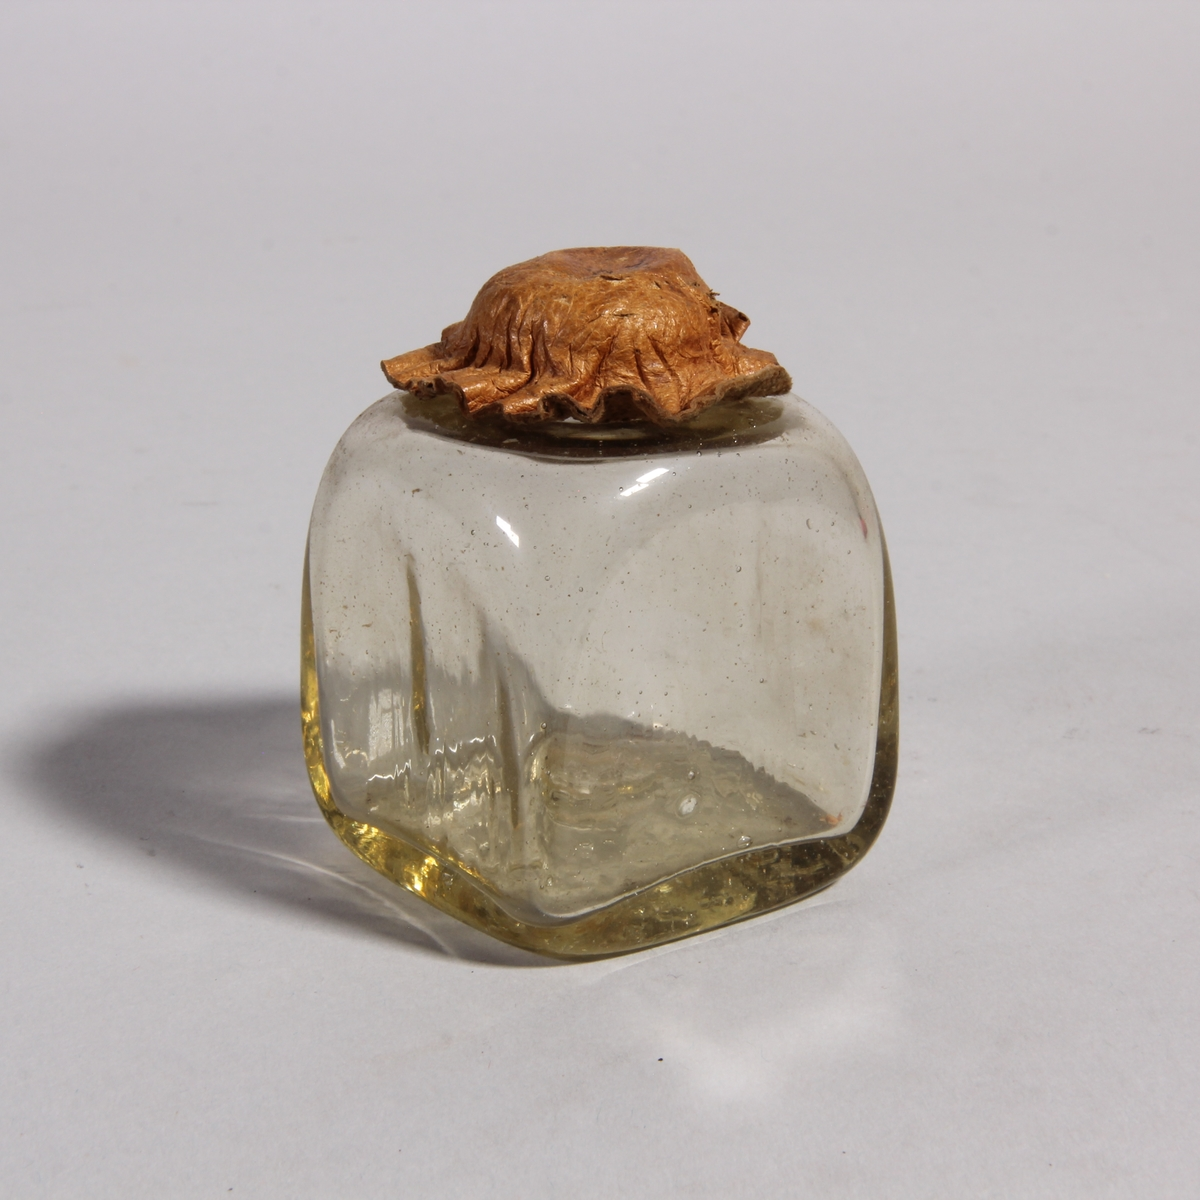 Husapotek bestående av låda med fällock och invändig fackinredning. Handtag av mässing på locket. Omålad. I lockets insida utfällbar skiva. På skivan klistad pappersetikett med förklaring till viktsatserna. På framsidan två mindre lådor bakom fällbar front. Lådan innehåller 7 fyrkantiga större gultonade glasflaskor med skinnförslutning, 6 kvadratiska mindre gultonade glasflakor och burkar, varav 4 st med skinnförslutning, 4 smala fyrkantiga flaskor av gultonat glas. Översta lådan innehåller 3 rivjärn av metall, 1 spatel med sked av metall. Nedersta lådan innehåller balansvåg av mässing med vikter. Nyckel.